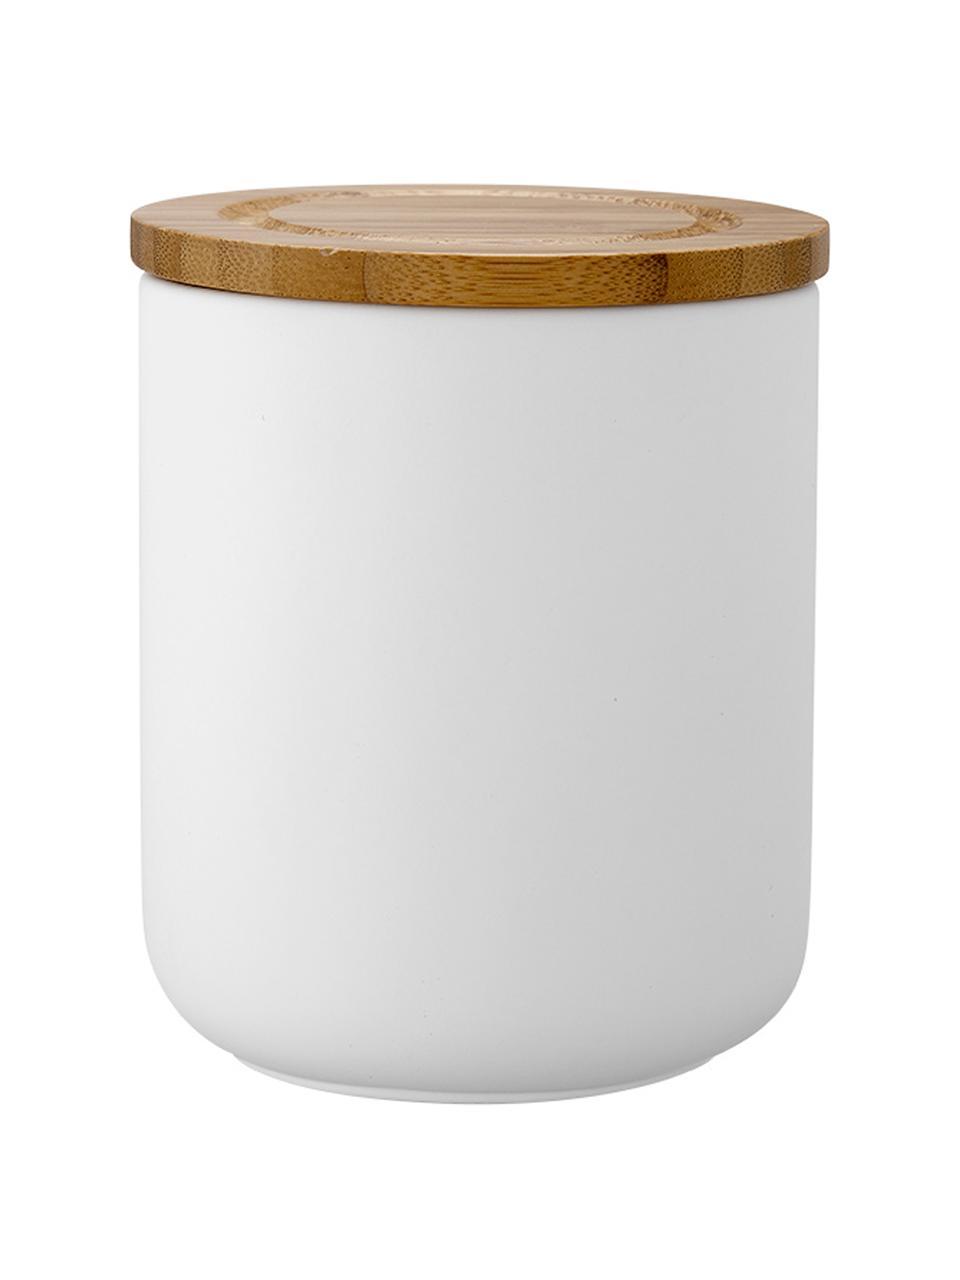 Pojemnik do przechowywania Stak, Biały, drewno bambusowe, Ø 10 x W 13 cm